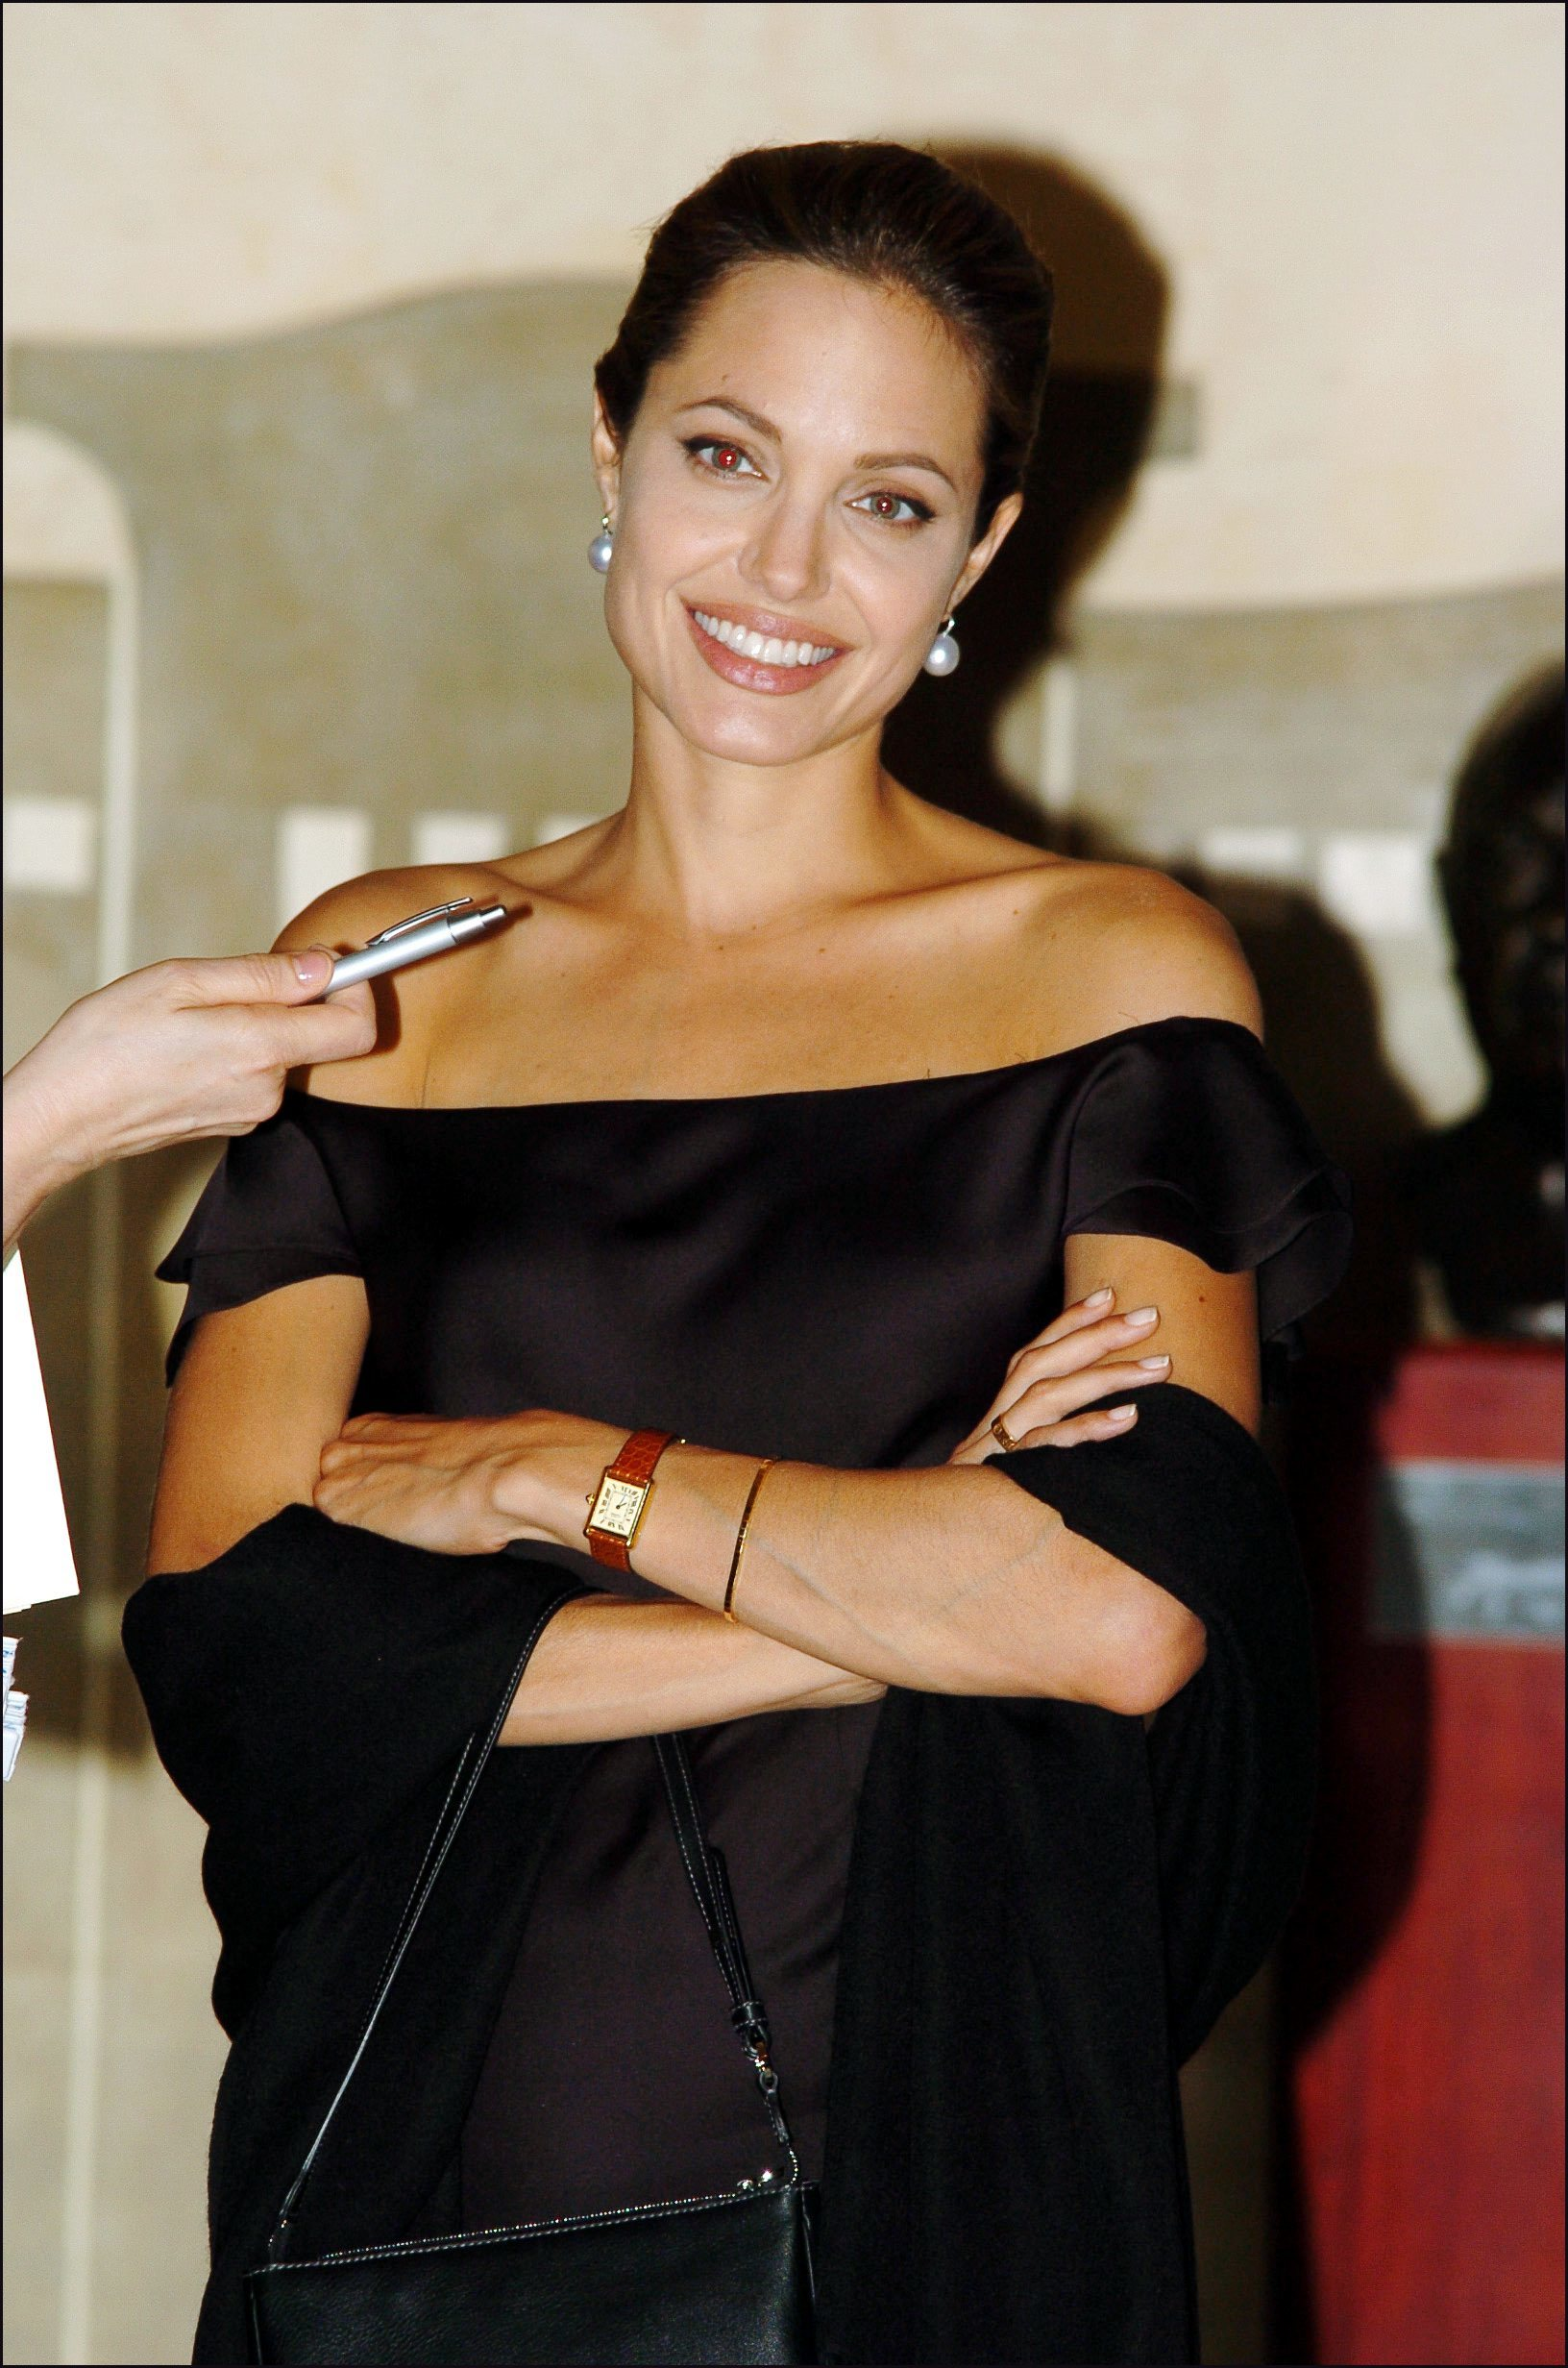 La actriz con un sencillo vestido negro escotado y muy lady